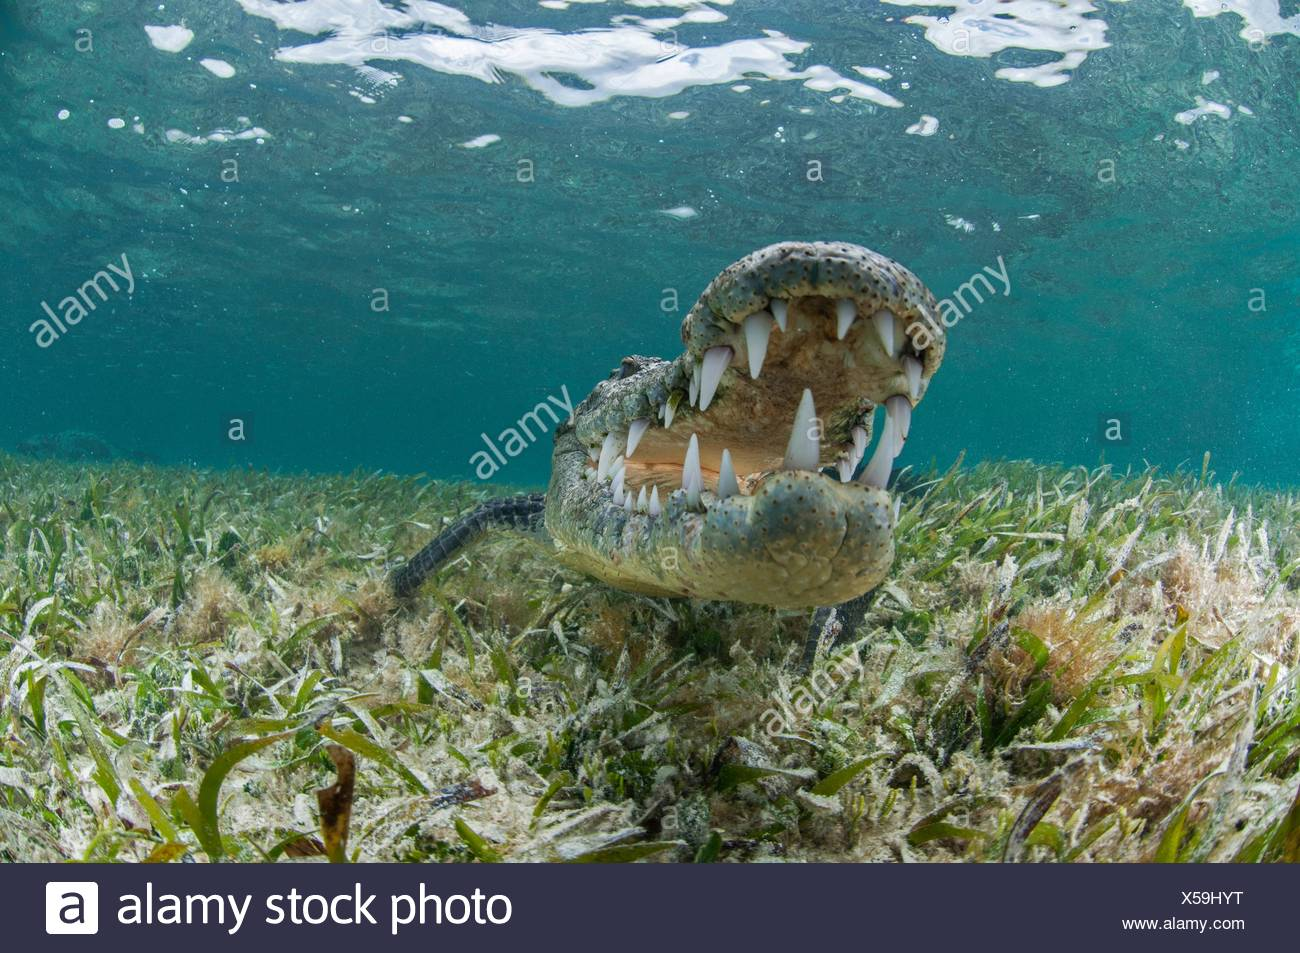 Unterwasser Vorderansicht des Krokodils auf Seegras, Mund öffnen zeigt Zähne, Chinchorro-Atoll, Quintana Roo, Mexiko Stockbild